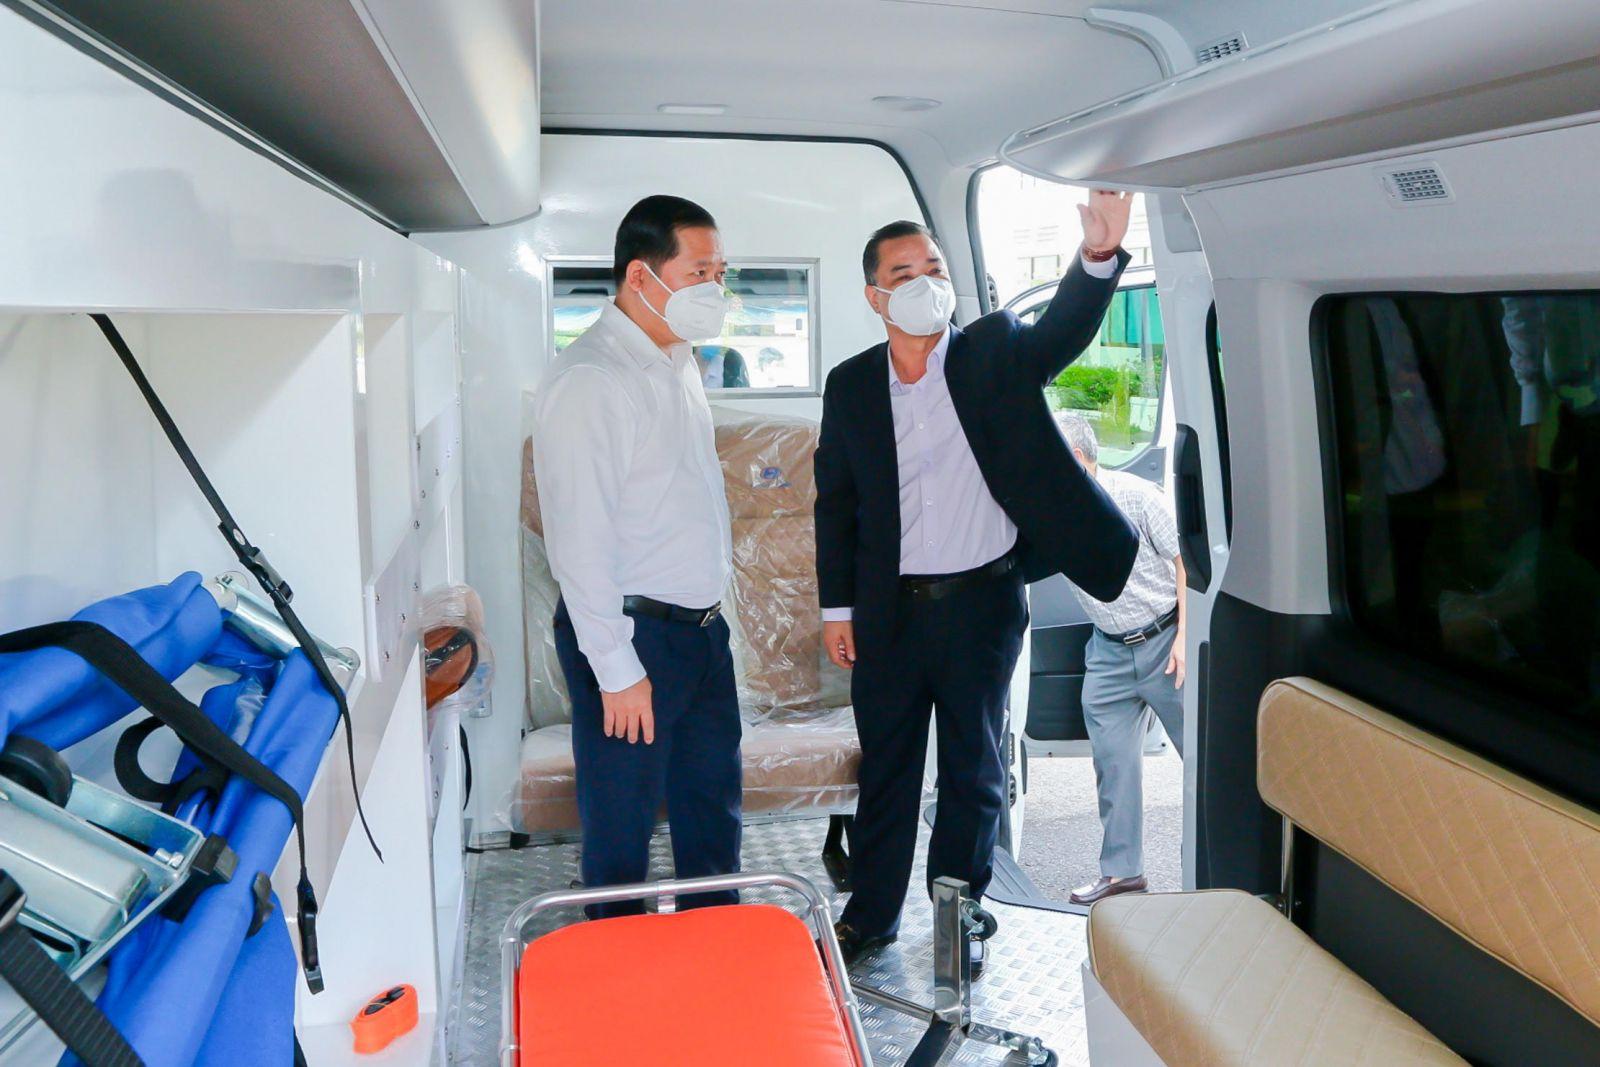 Các xe cứu thương này nhanh chóng được phân bổ về các bệnh viện và trung tâm y tế của tỉnh Bình Định nhằm hỗ trợ kịp thời cho công tác chống dịch Covid-19